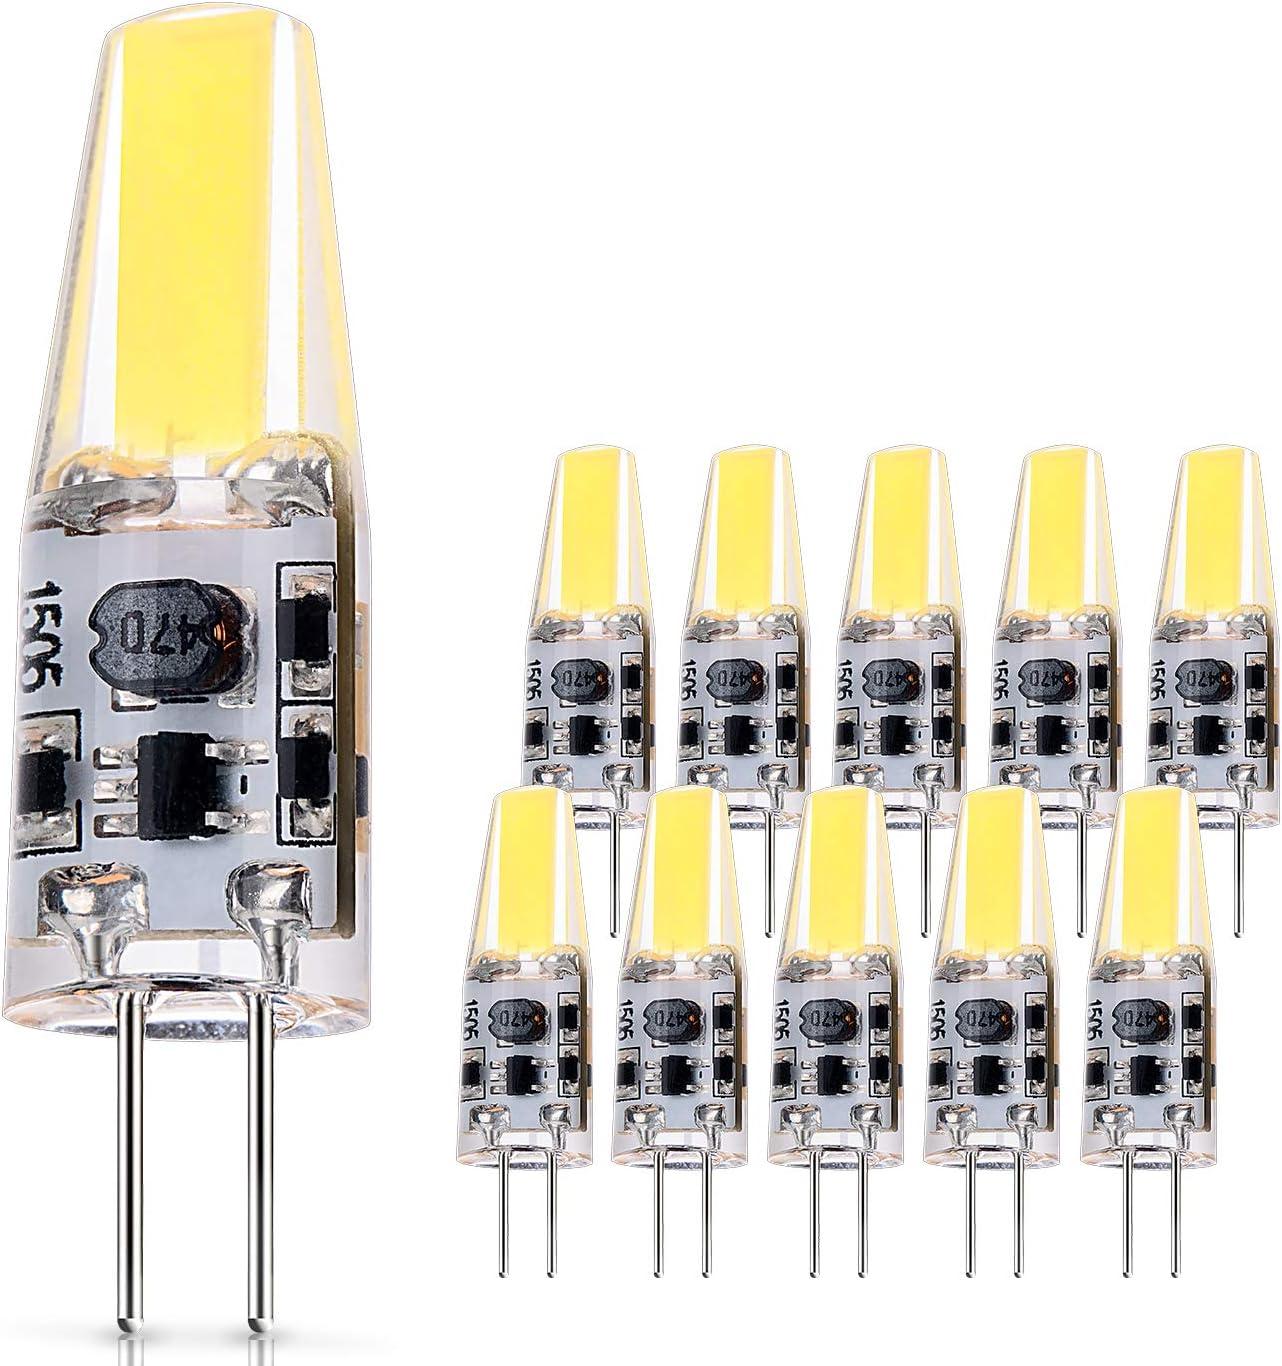 JAUHOFOGEI 10x 2W Mini Bombilla lámpara LED COB G4, 12V - 24V AC DC, Equivalente a 20W Halógena, 210lm, Blanco frío 6000K, Ra83, Non-Regulable